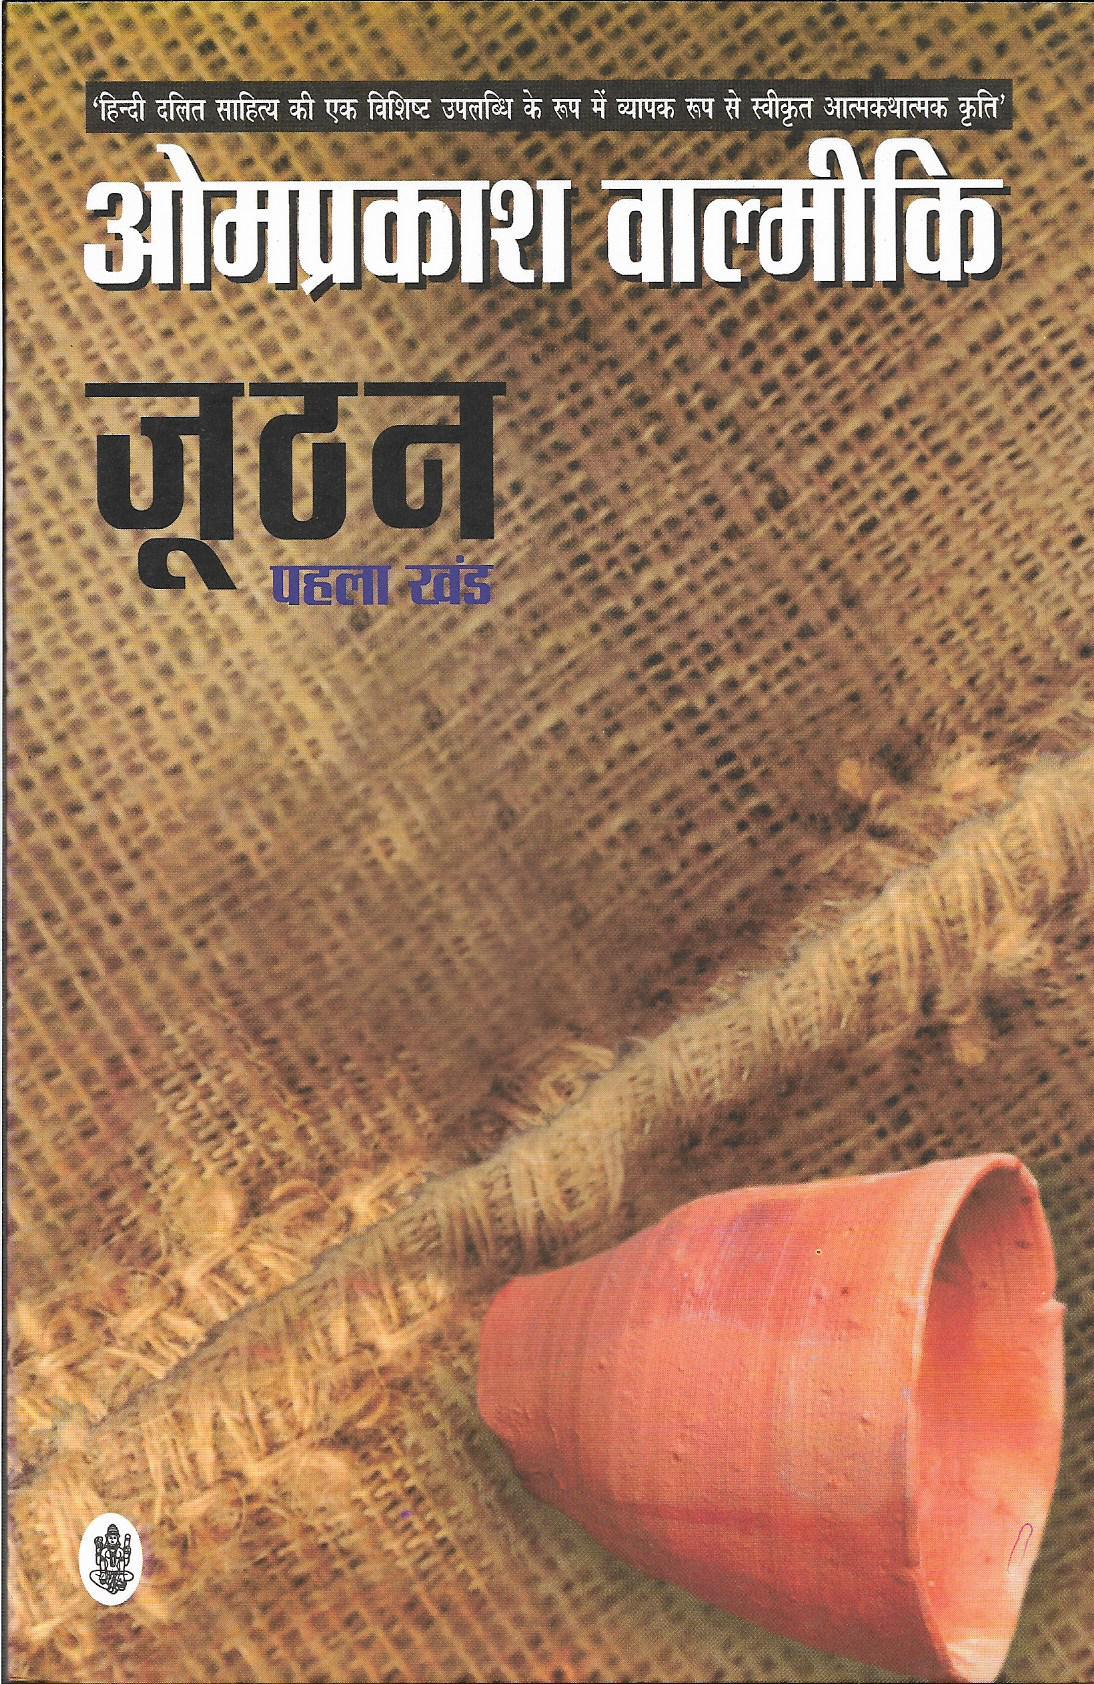 Juthan